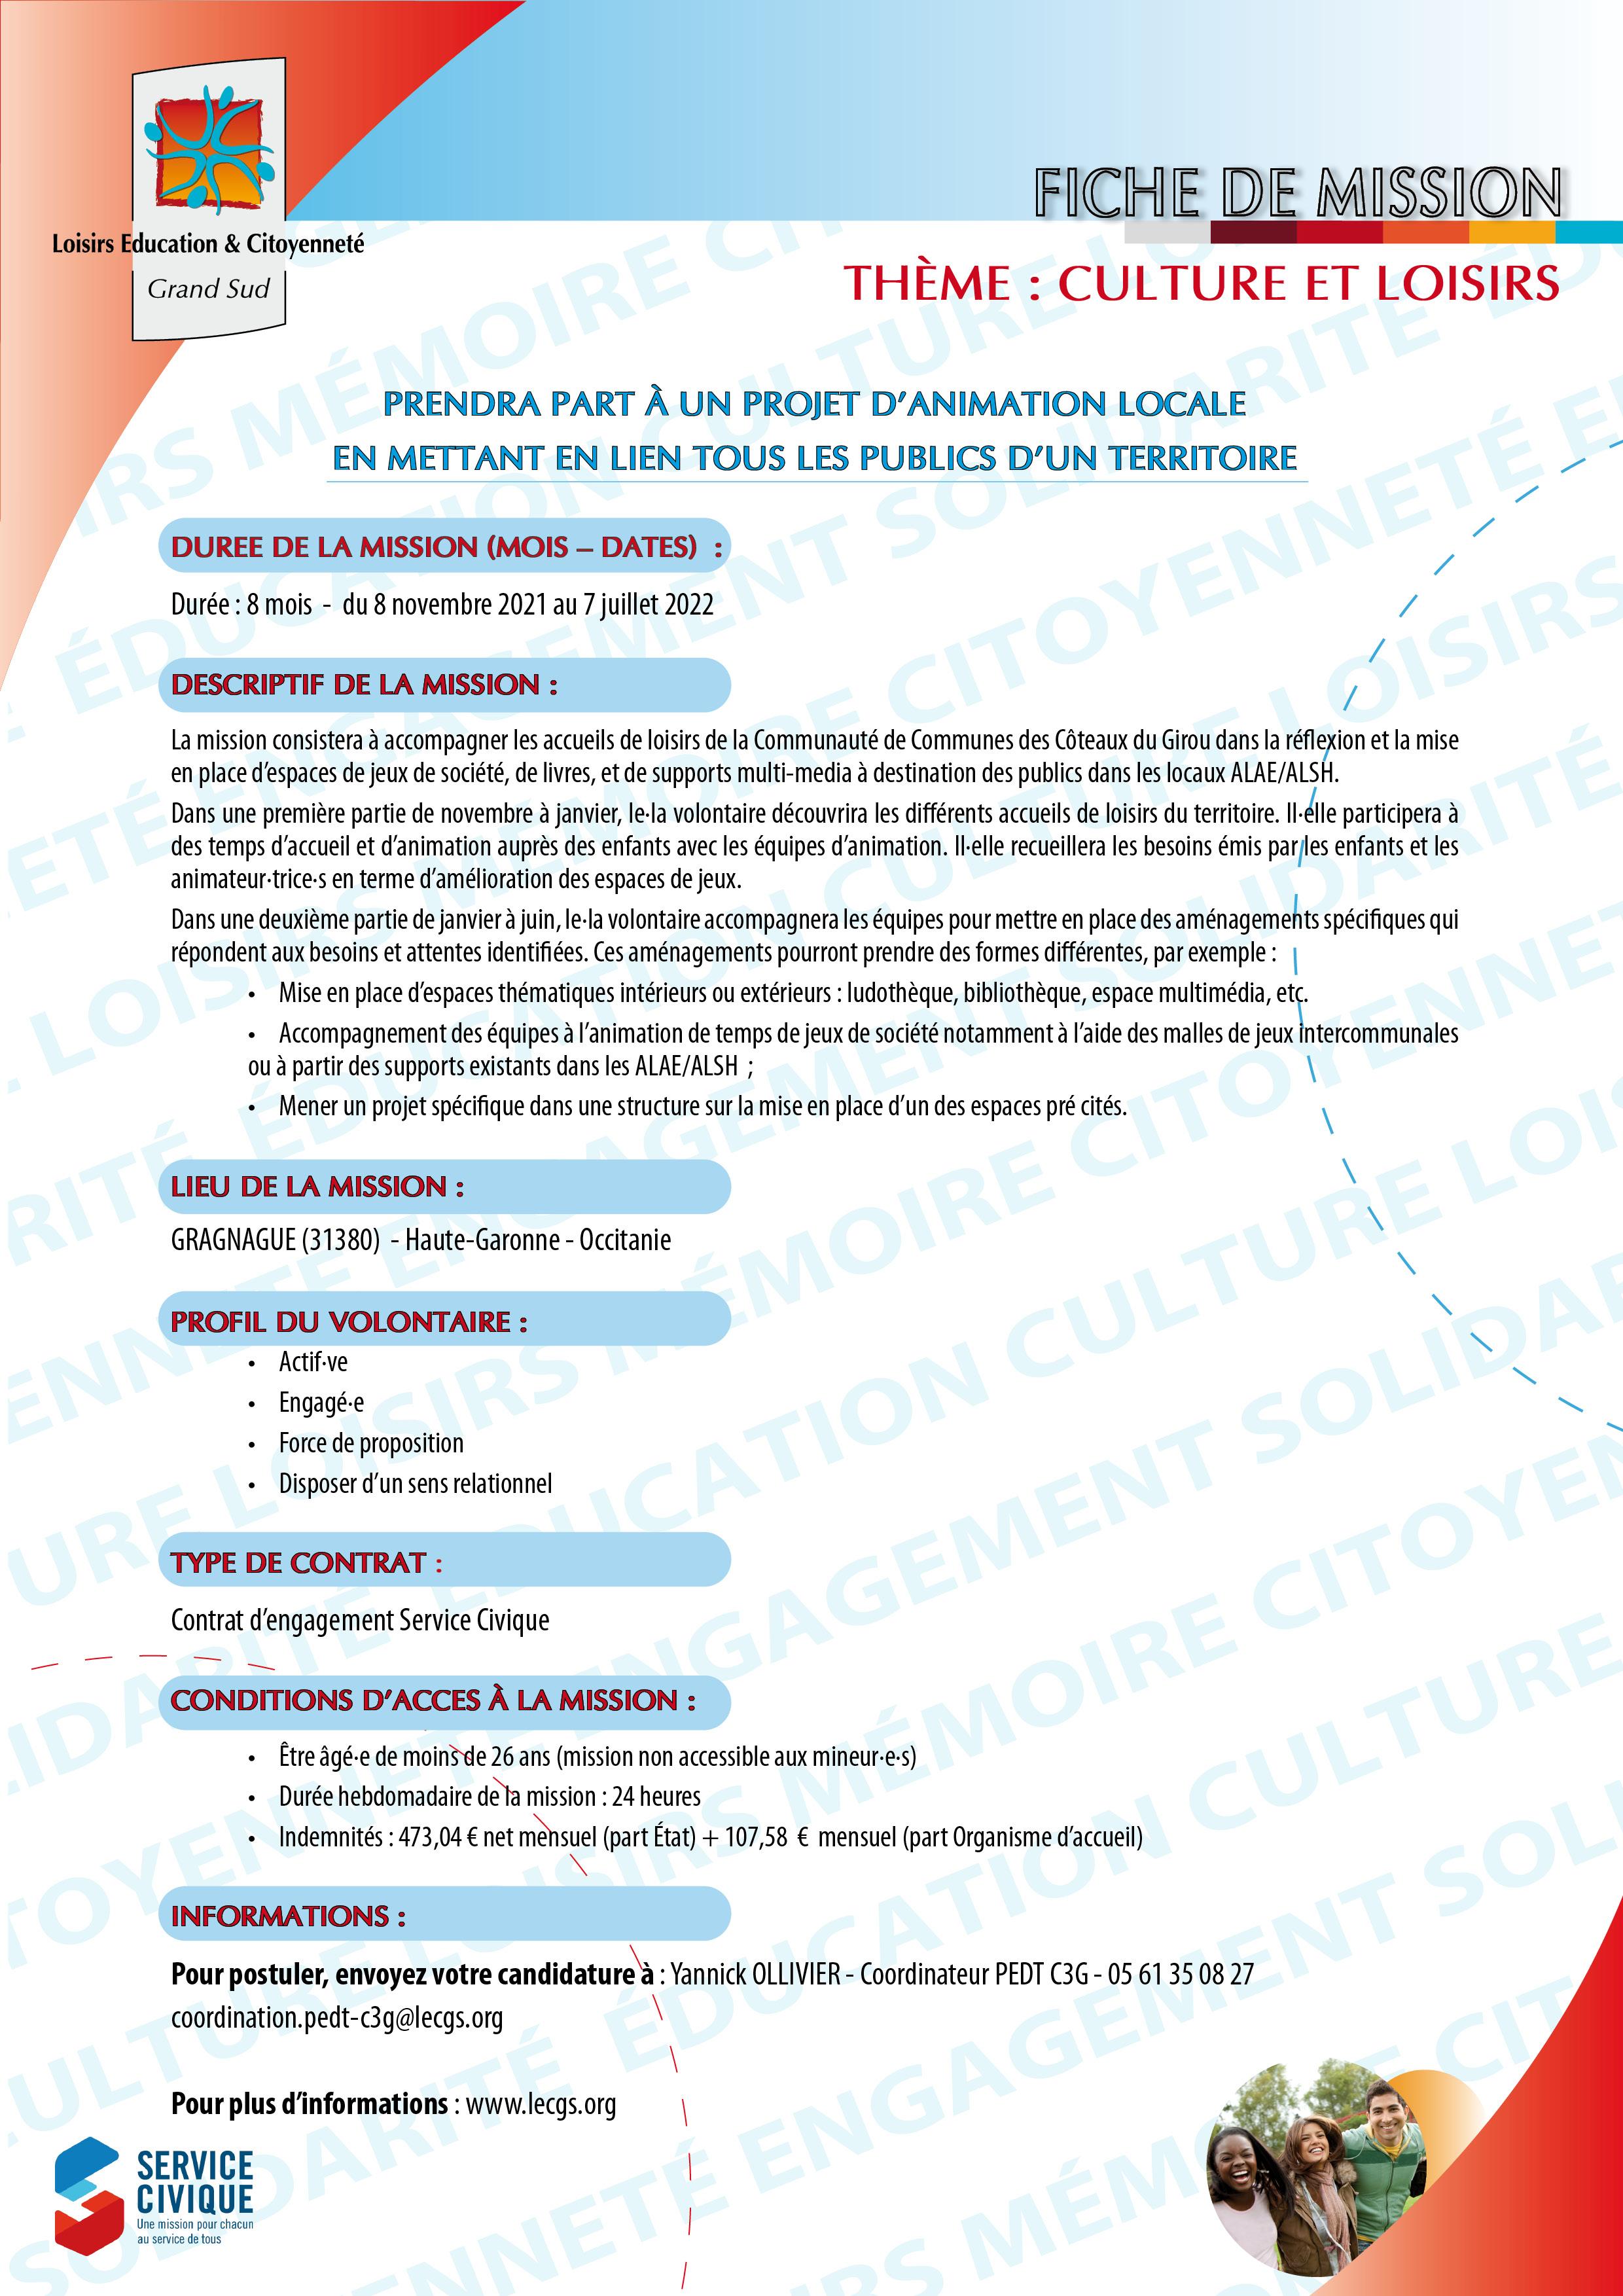 Mission de Service Civique LE&C Coteaux du Girou